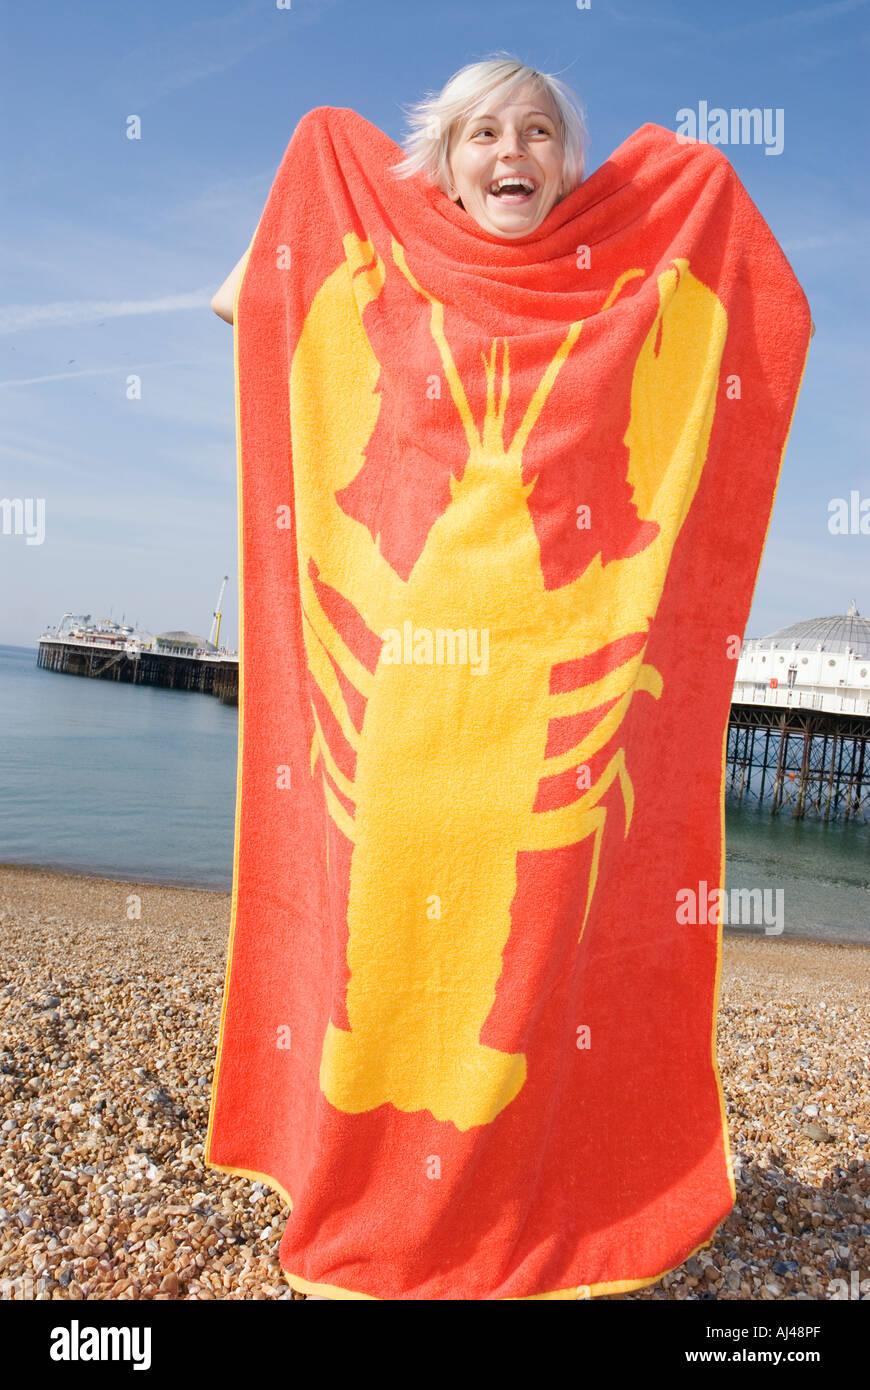 Giovane donna presso la spiaggia tenendo premuto fino in rosso di un telo da spiaggia che una aragosta giallo stampato su di esso Immagini Stock